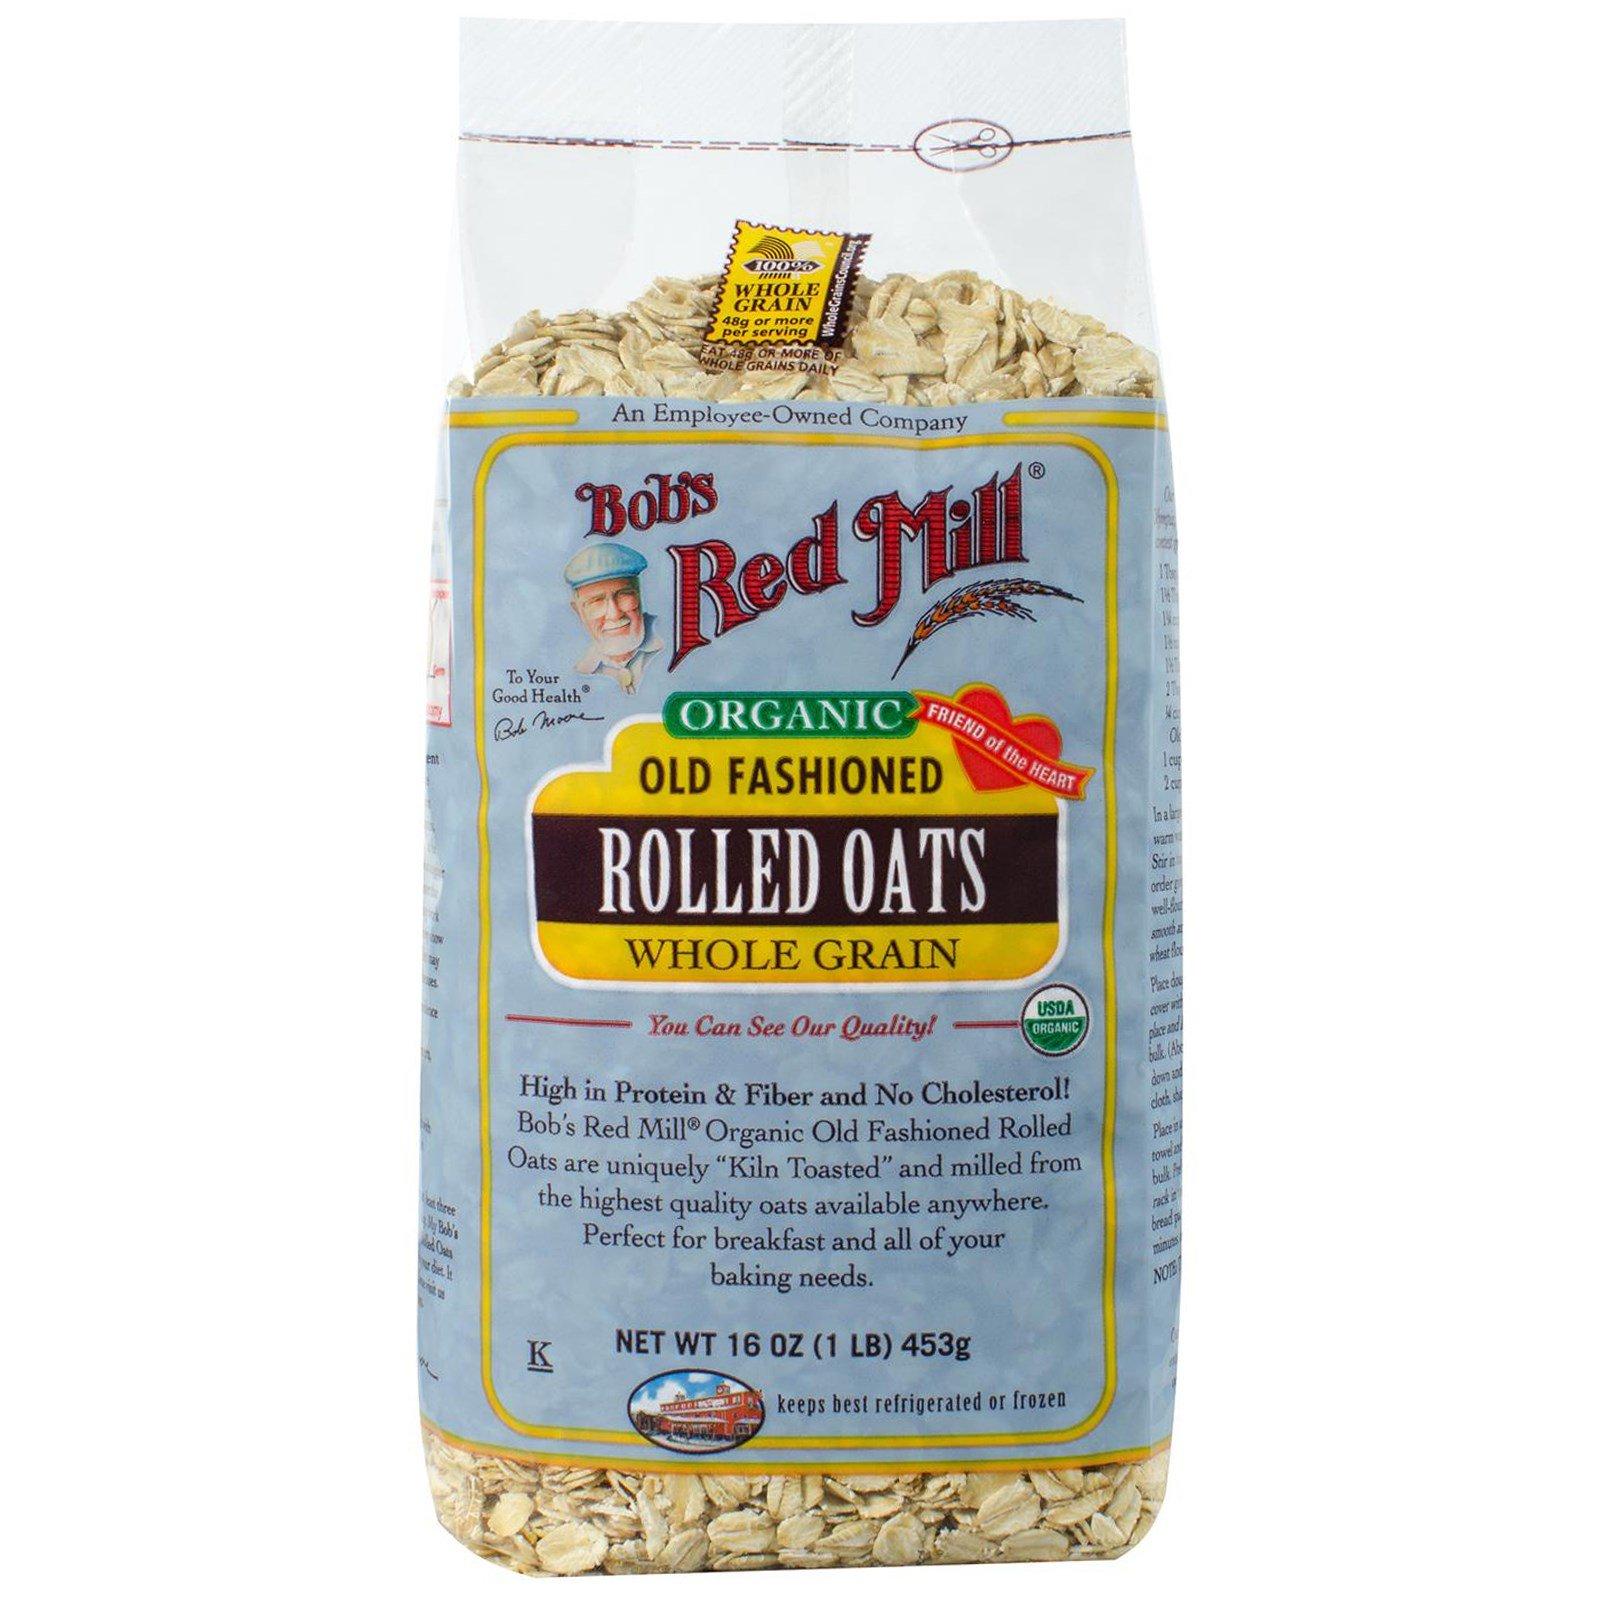 Bob's Red Mill, Bob's Red Mill, Органичесская традиционная плющеная овсянка, цельное зерно, 453 г